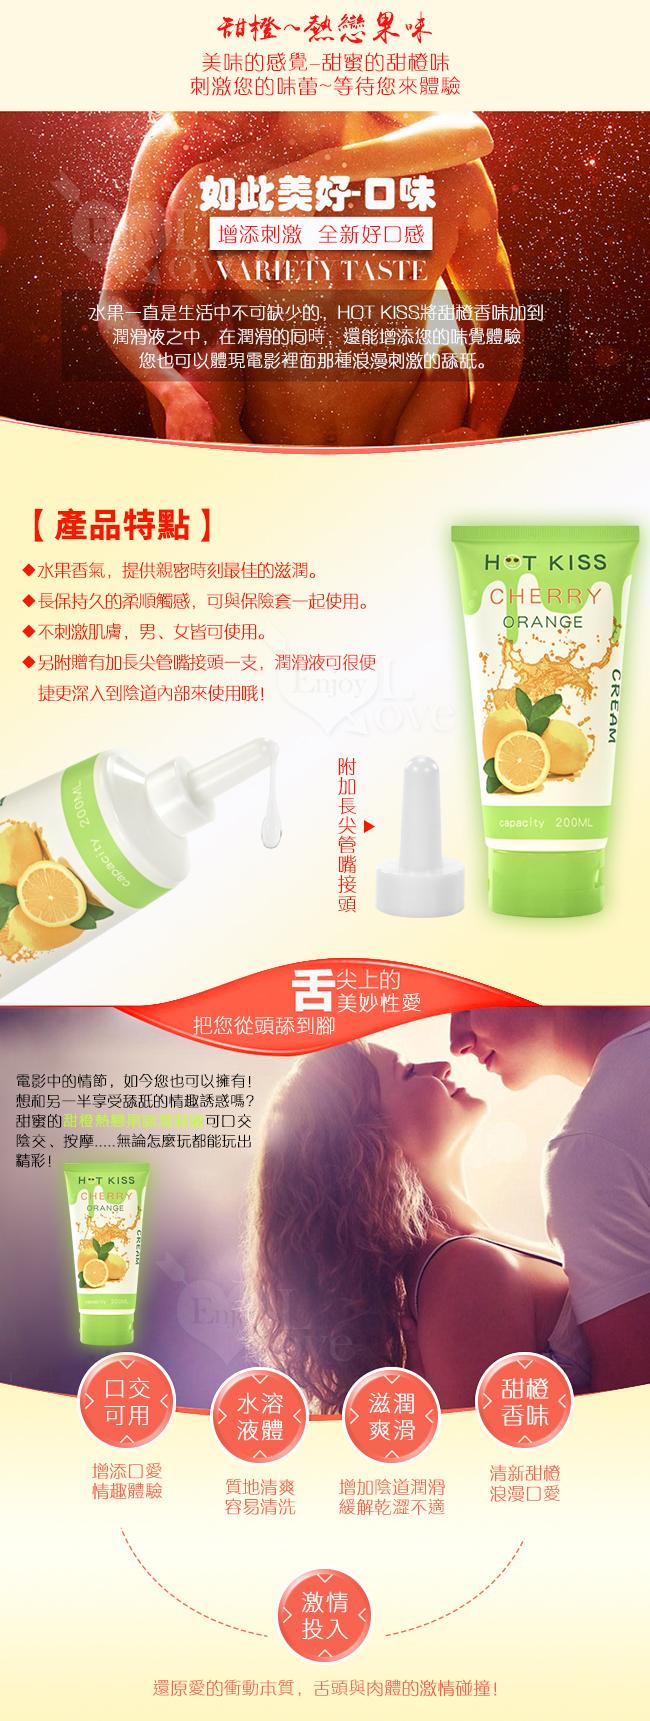 HOT KISS‧甜橙 熱戀果味潤滑液 200ml﹝可口交、陰交、按摩...